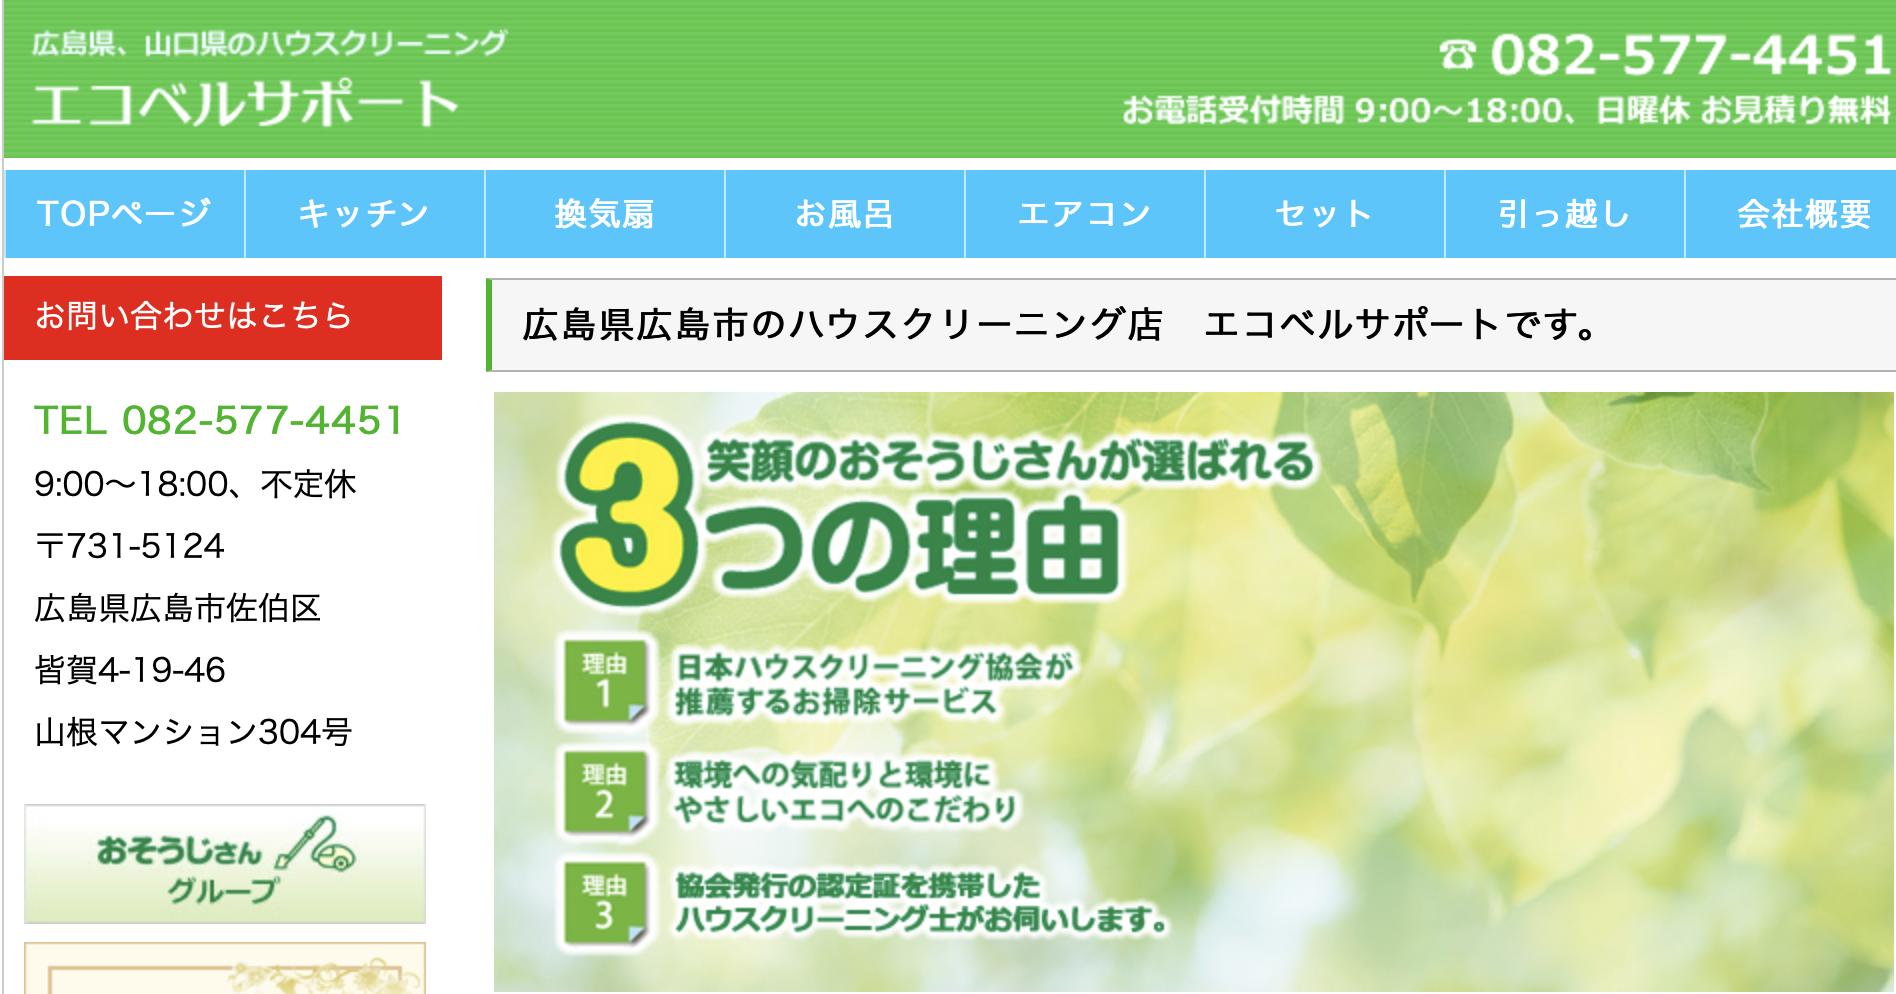 広島県のエアコン掃除業者ならエコベルサポート